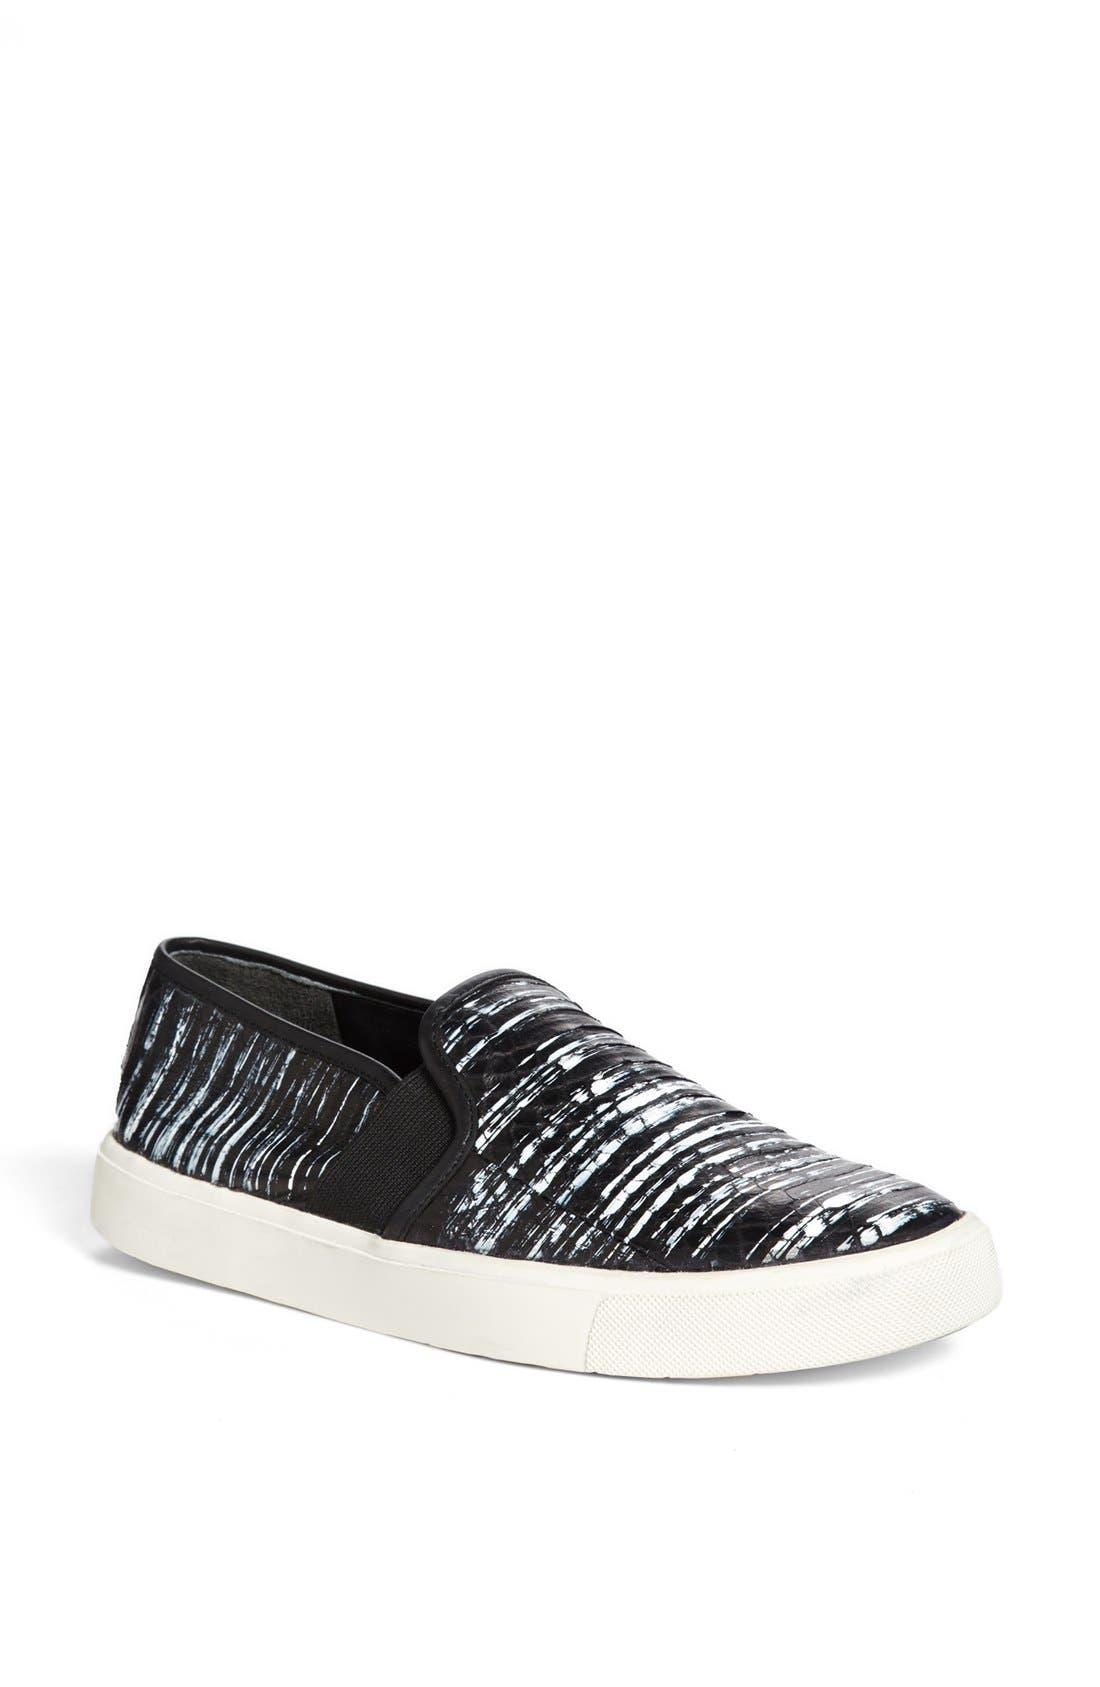 Alternate Image 1 Selected - Vince 'Blair 7' Snakeskin Slip-On Sneaker